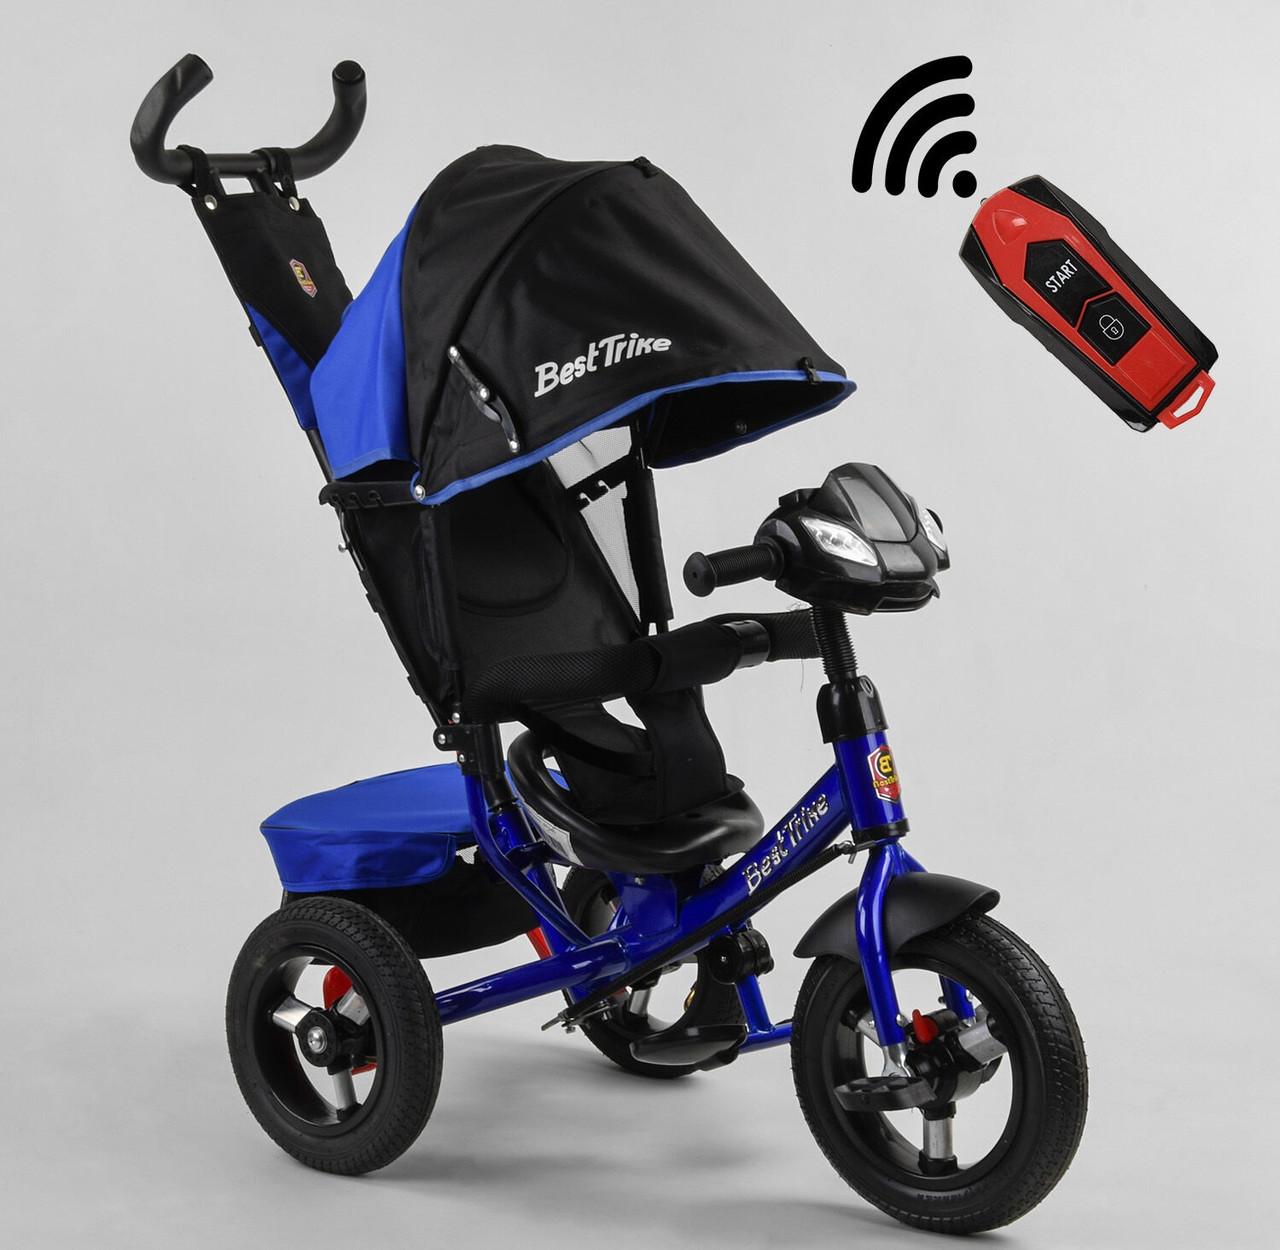 Дитячий велосипед з трьома колесами зі звуковими і світловими ефектами 3390/65-005 Best Trike, колір синій